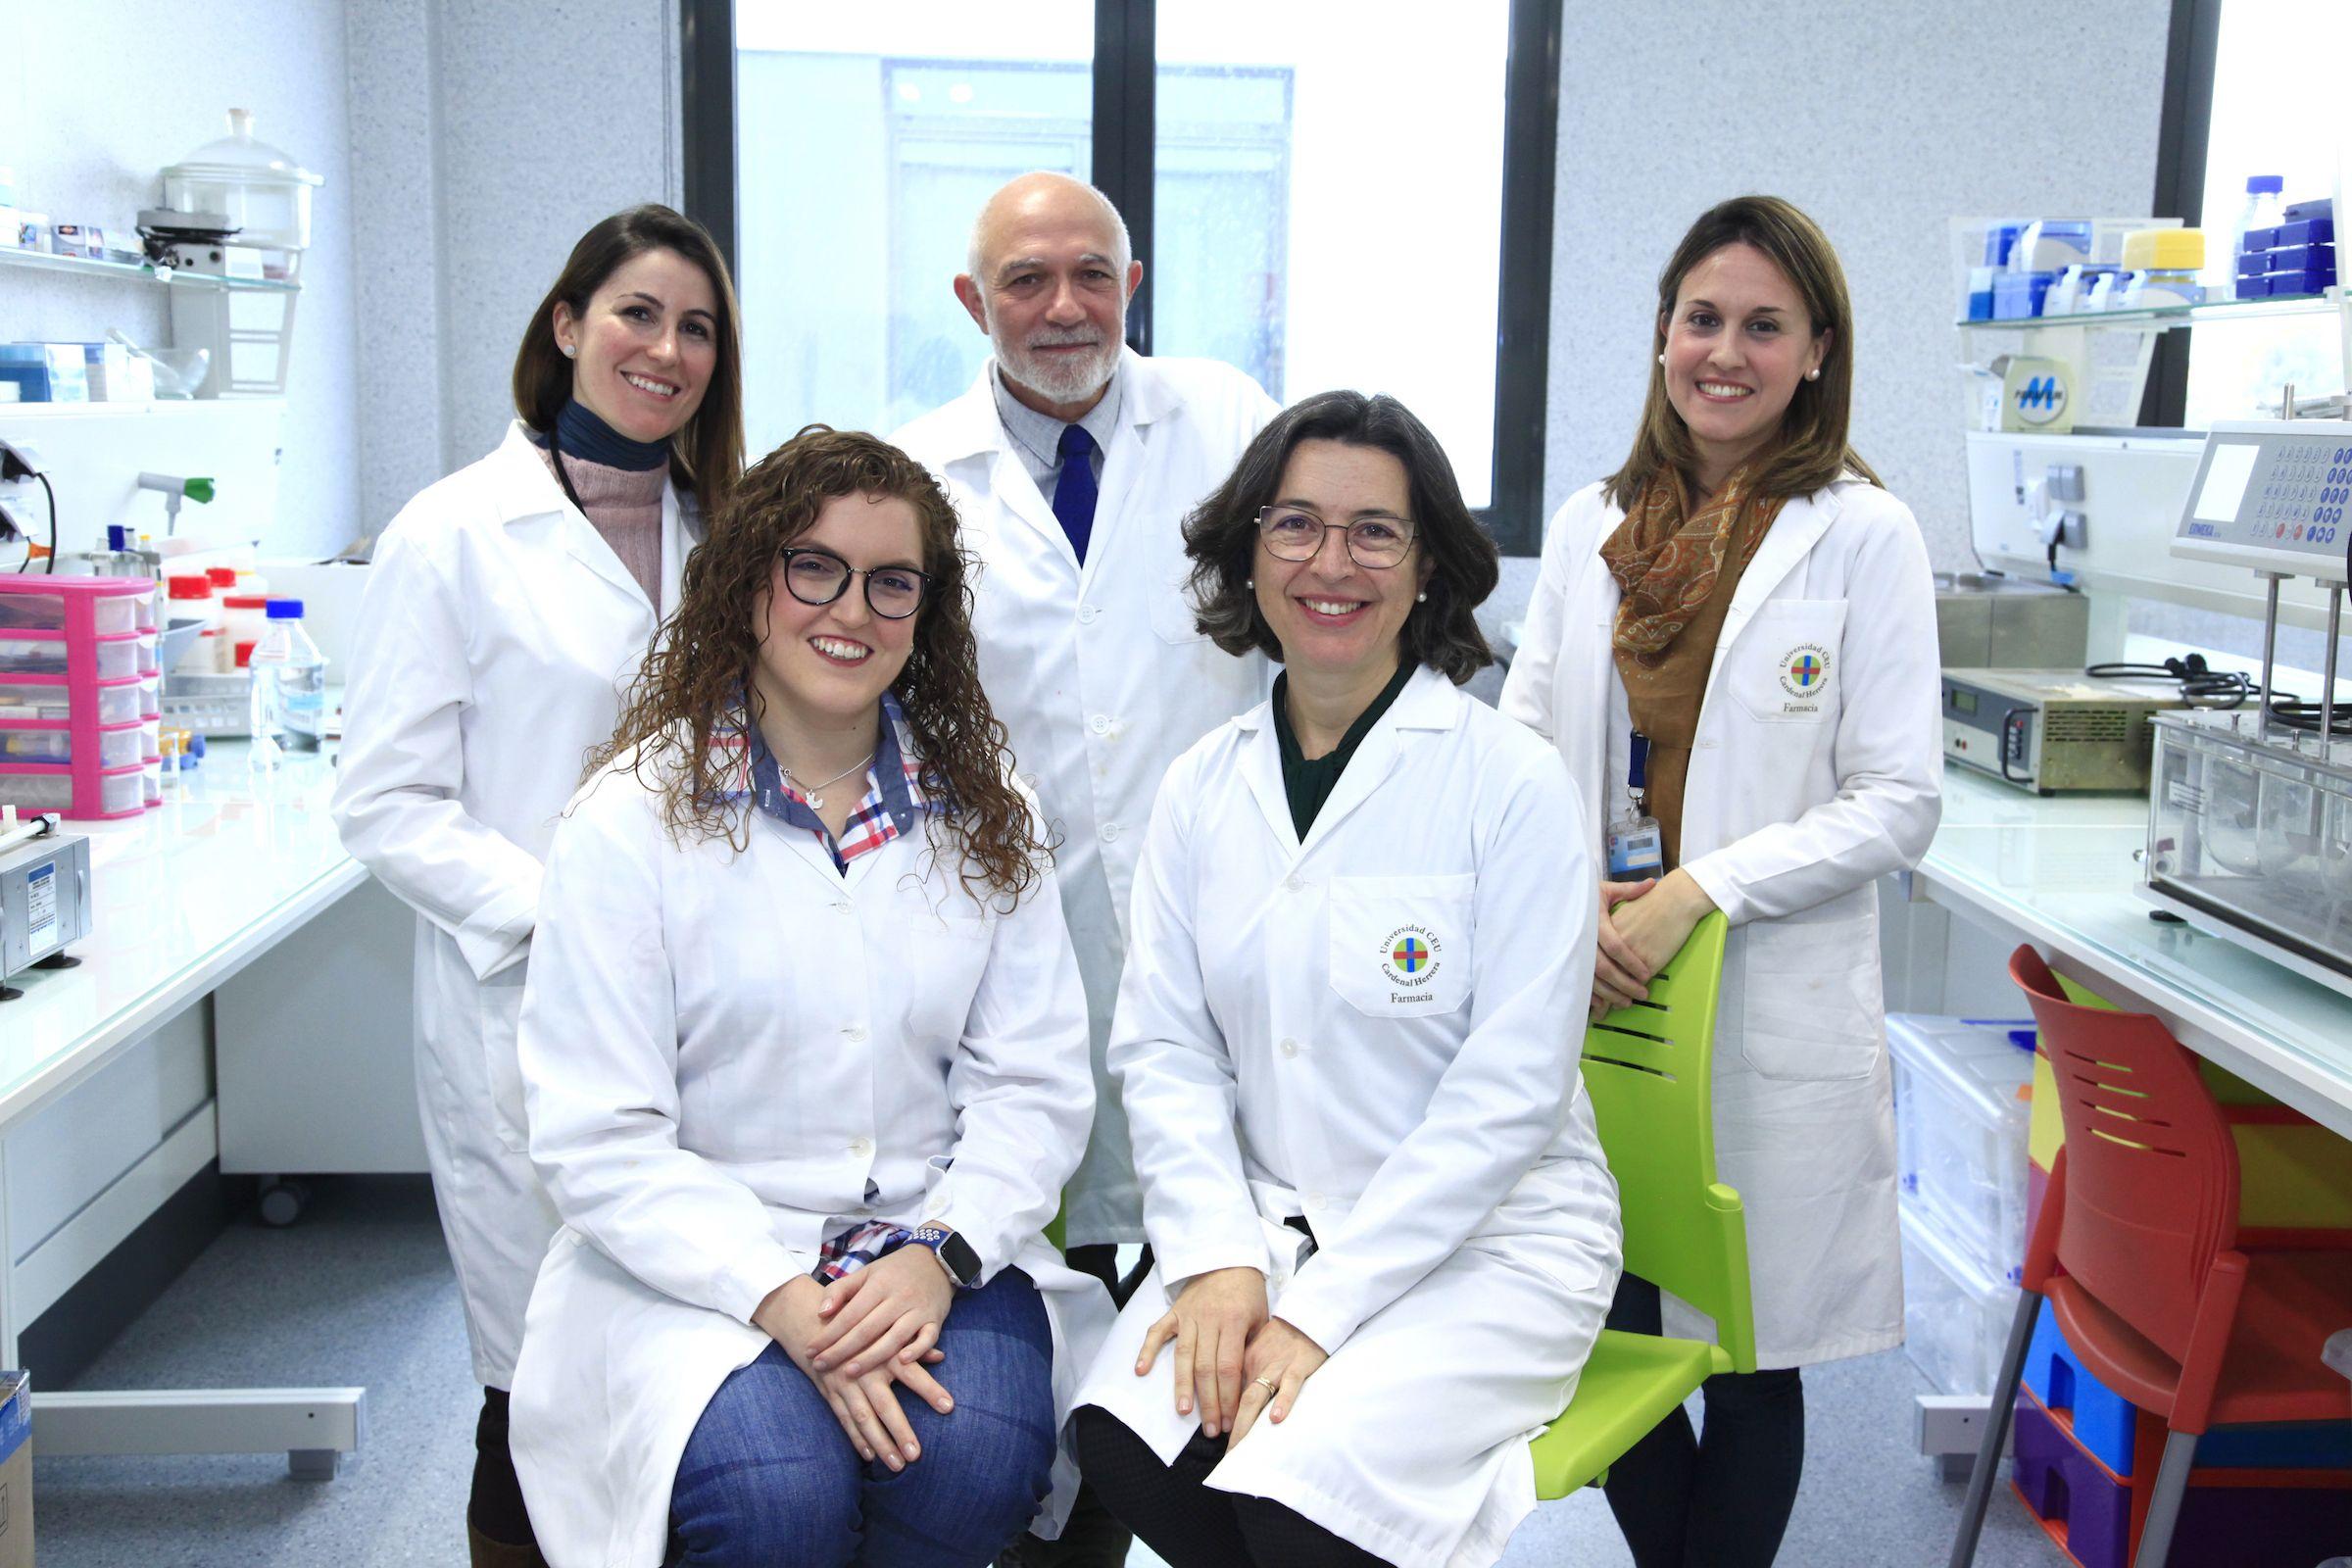 Los investigadores de la CEU UCH María Aracely Calatayud, Vicente Rodilla, Cristina Balaguer, María Sebastián y Alicia López, autores del diseño del nuevo inserto ocular soluble para la administración de antibióticos a través de la córnea.